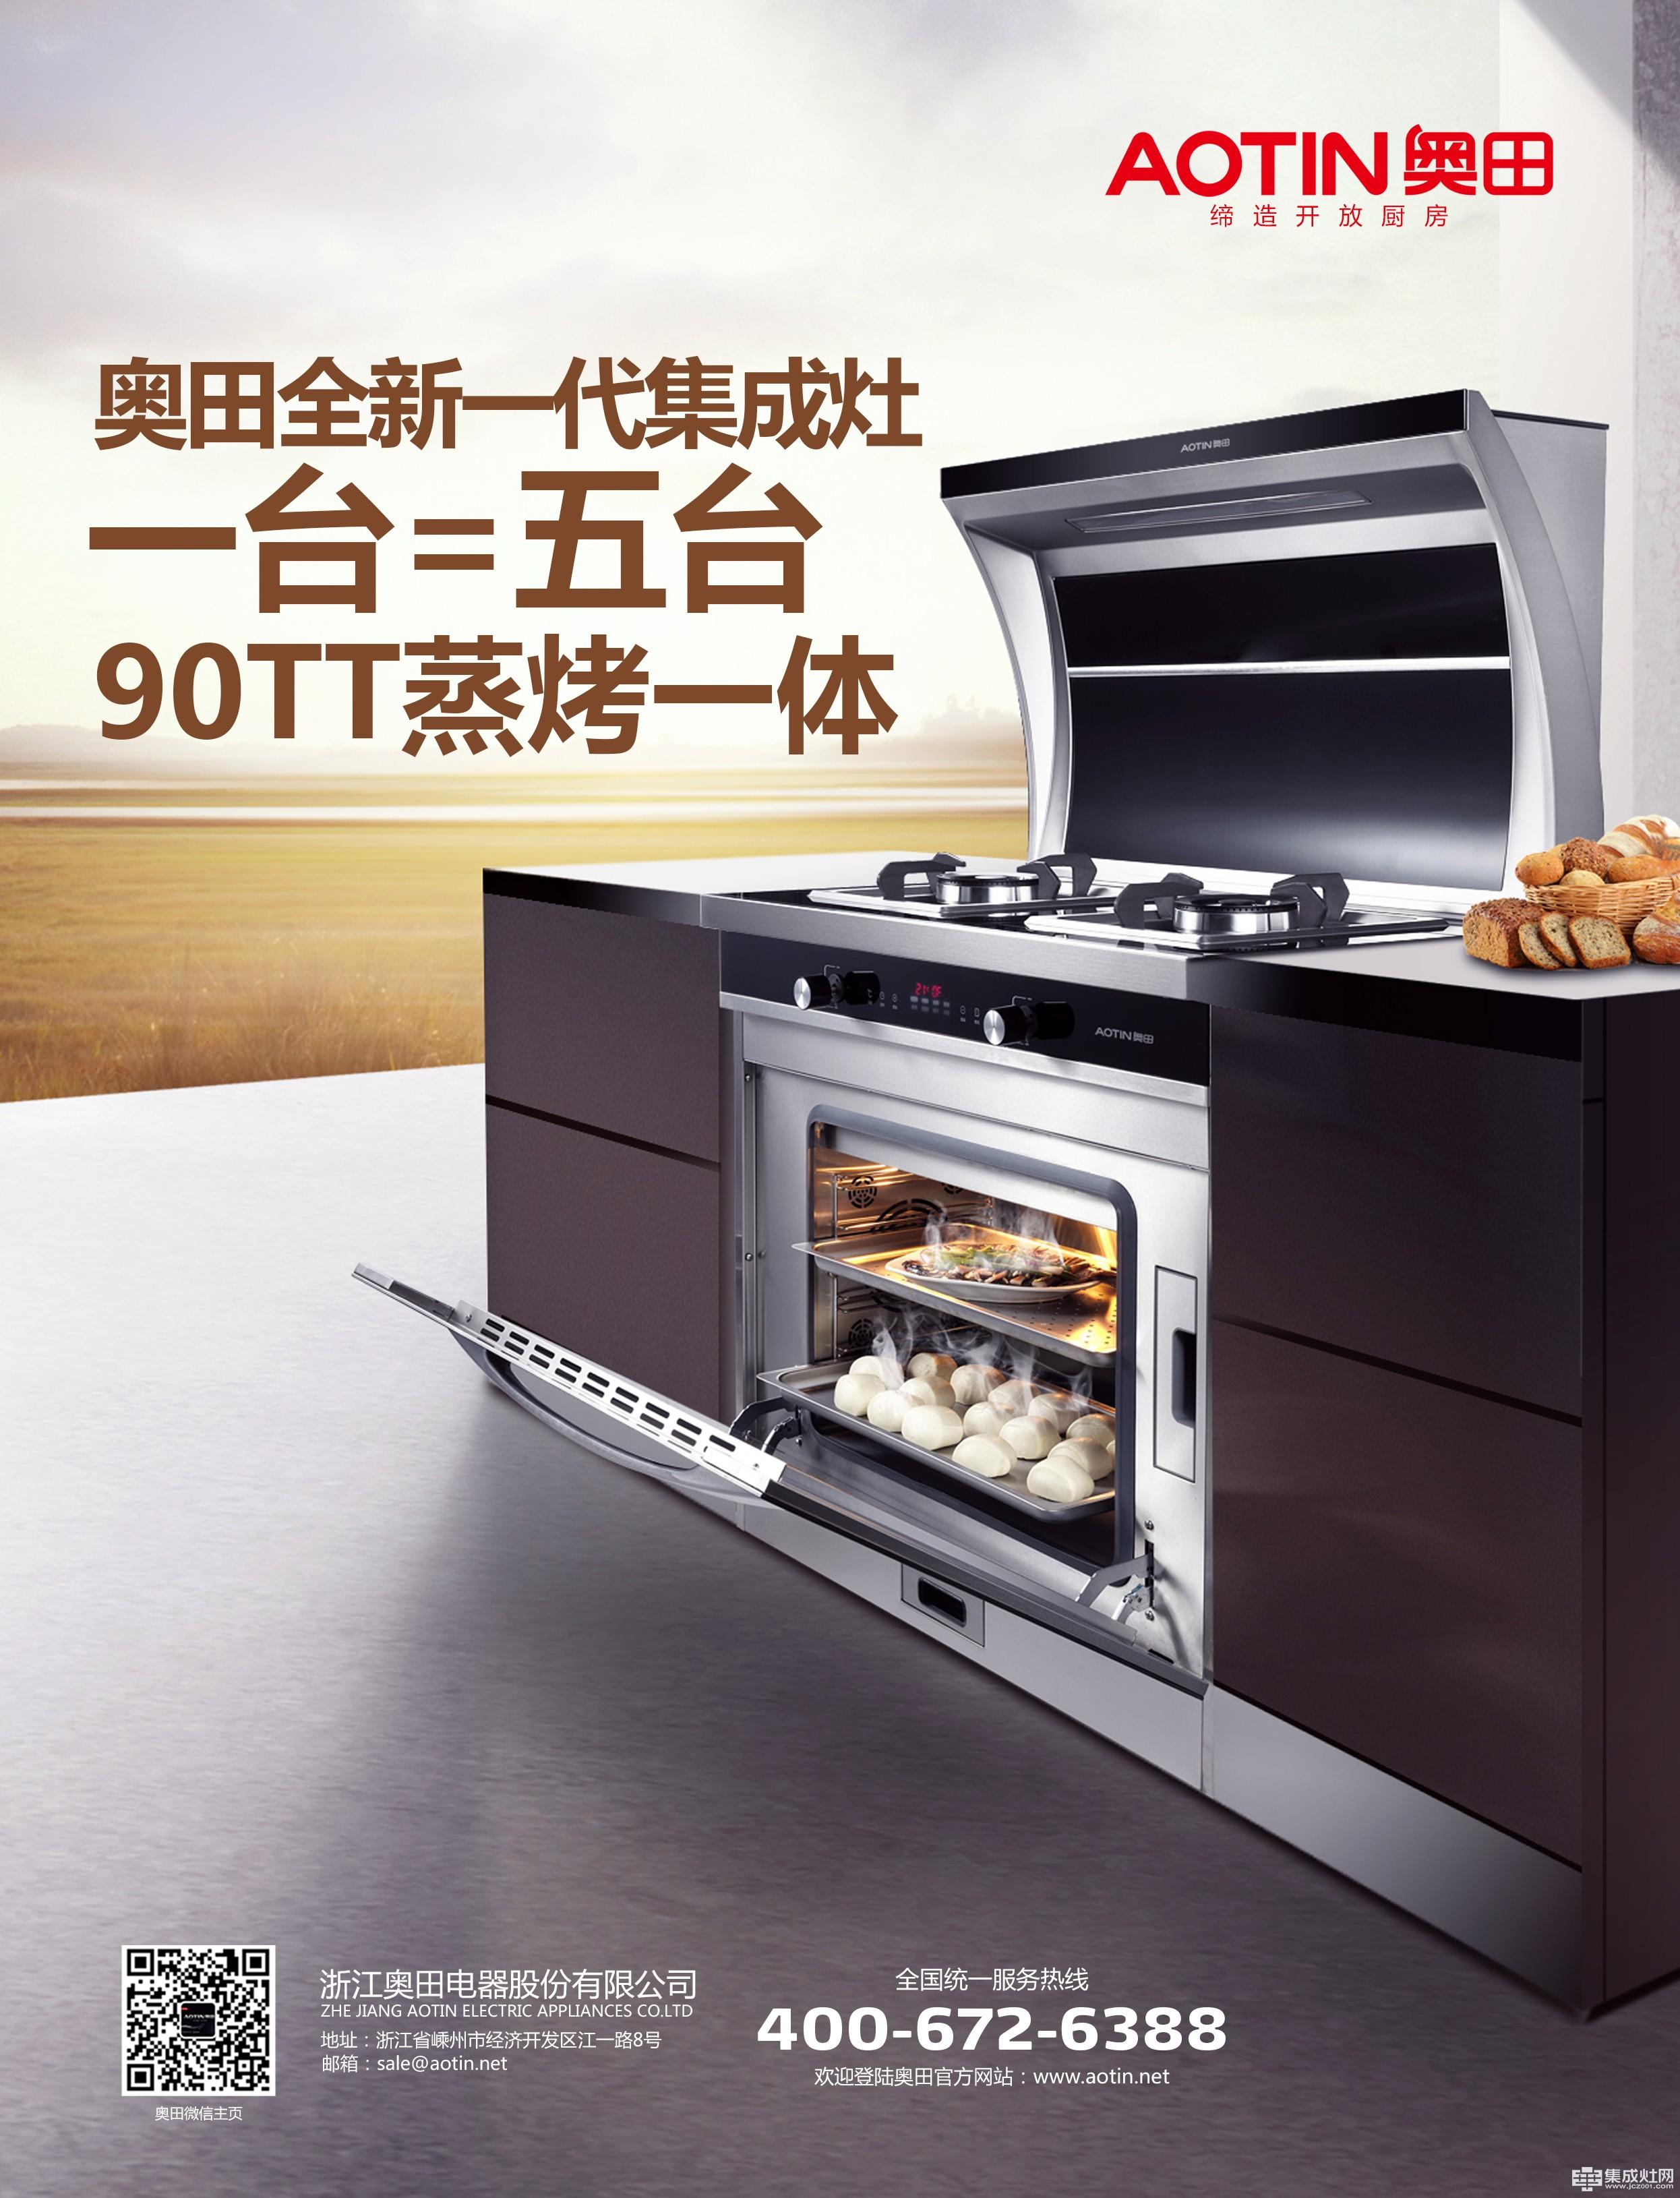 国外有iPhoneX/8 中国有奥田集成灶90TT